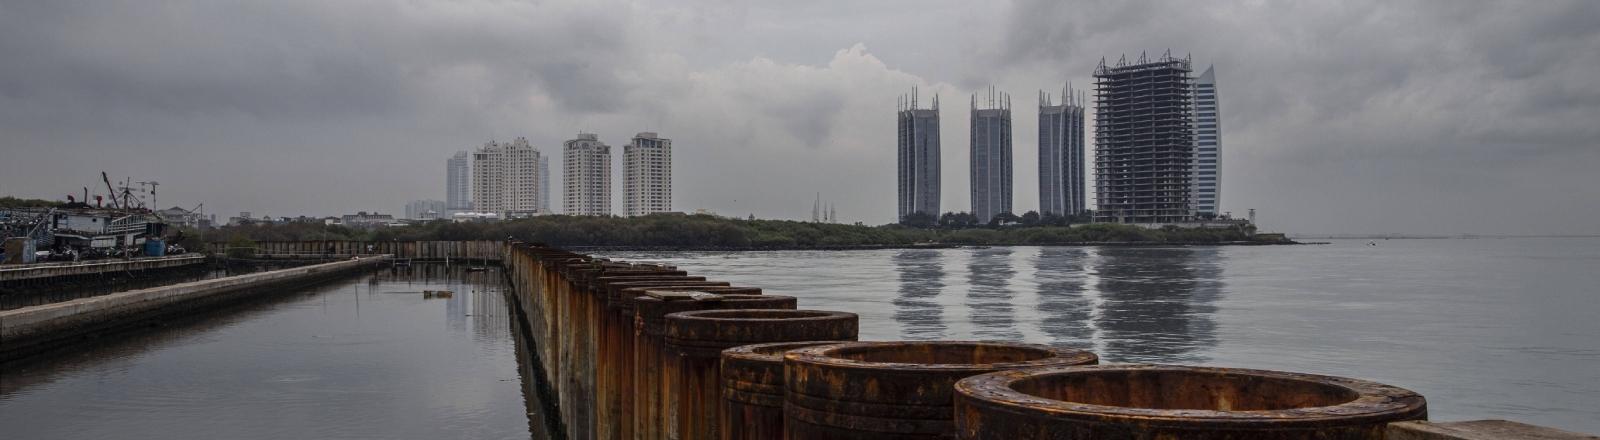 Stadtwachstum auch in Ufernähe: Küstenbefestigung in der indonesischen Hauptstadt Jakarta